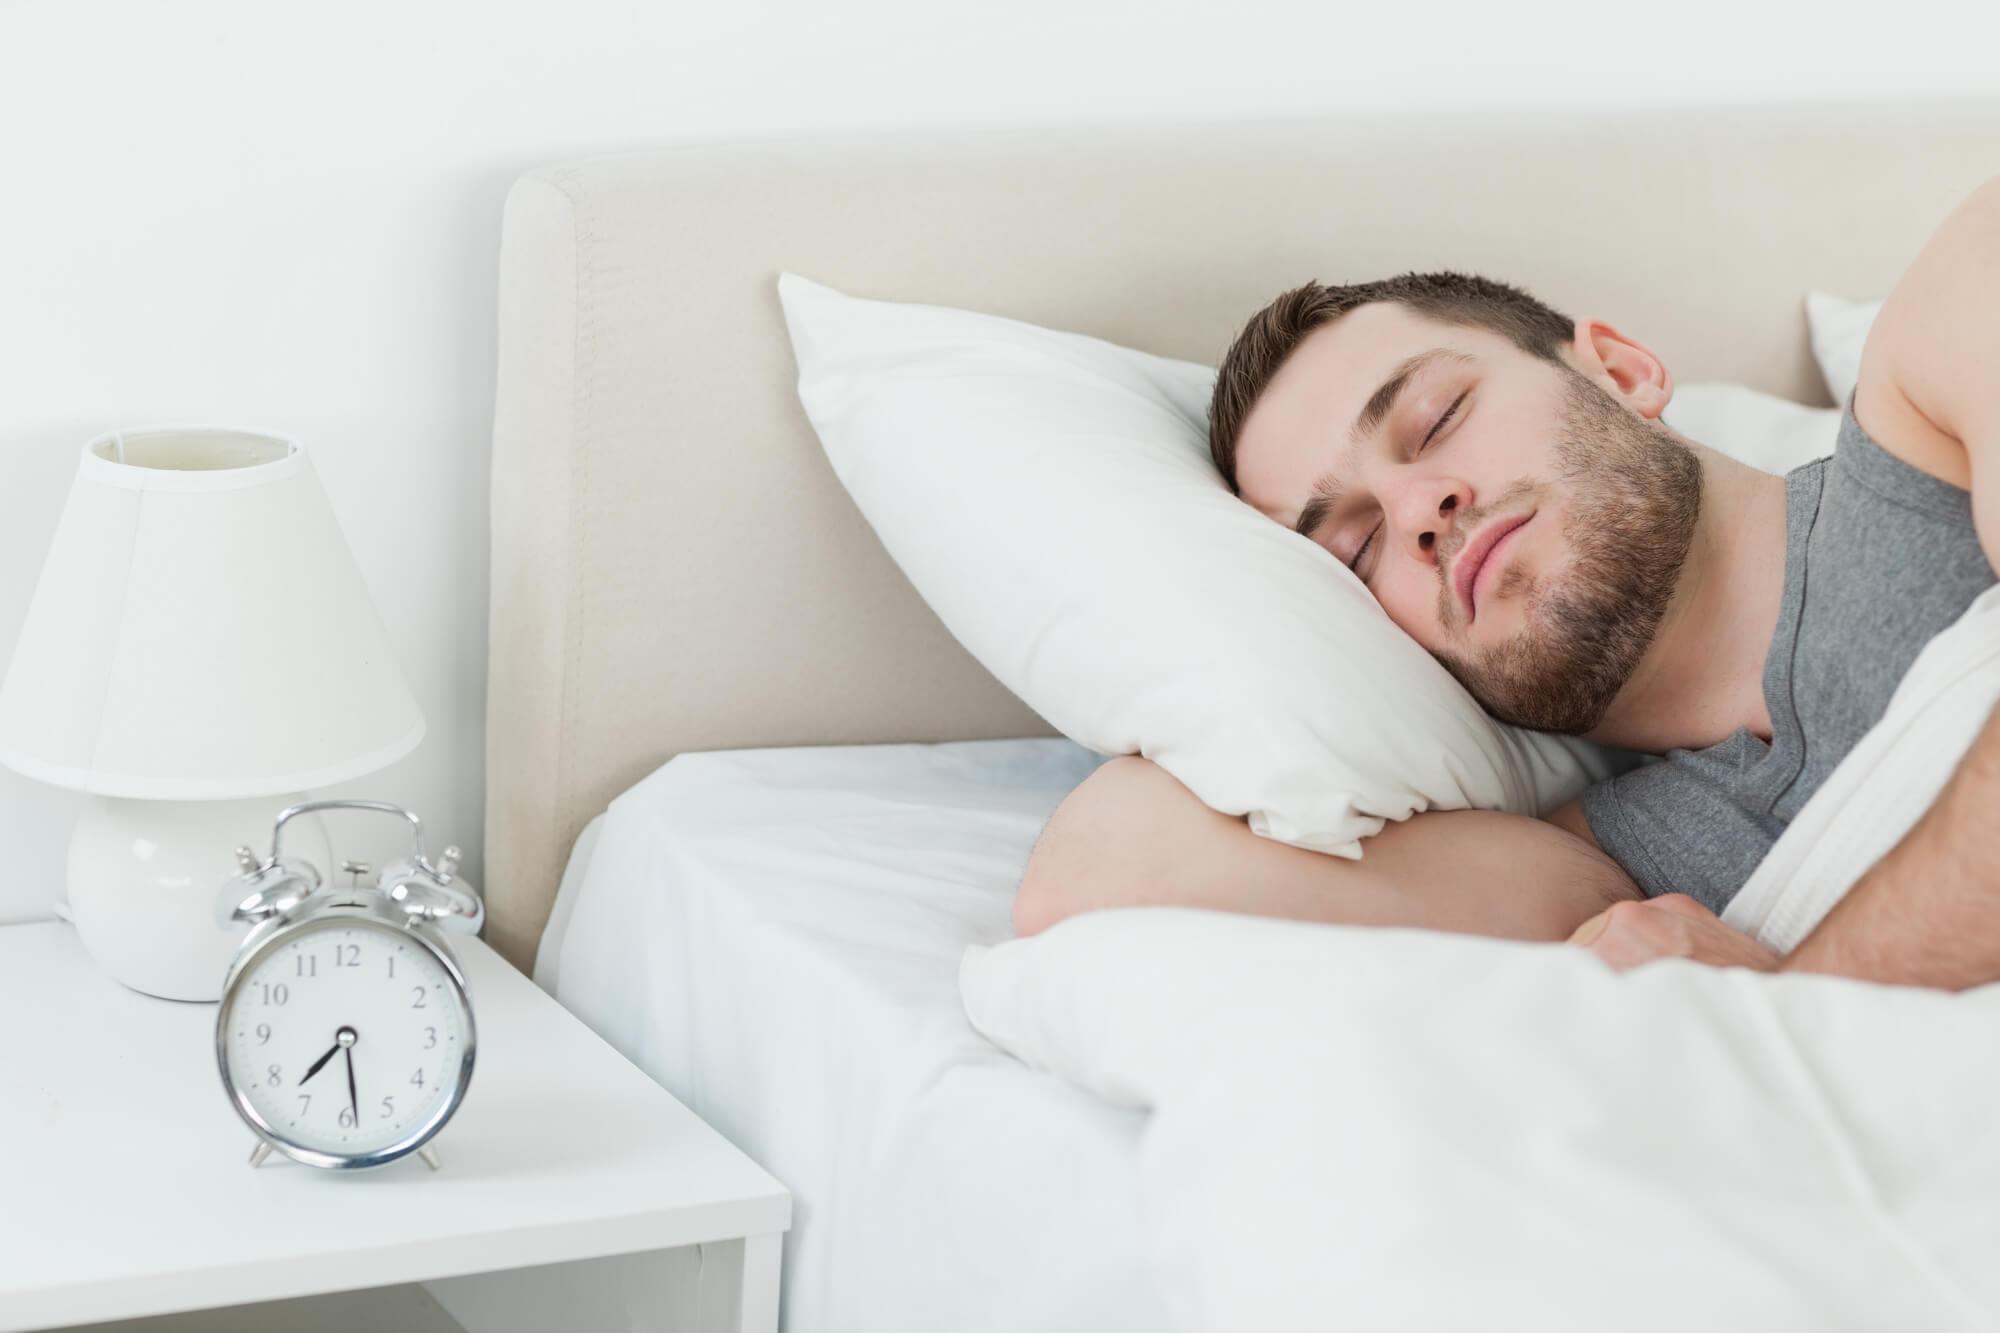 Como recuperar o sono perdido?